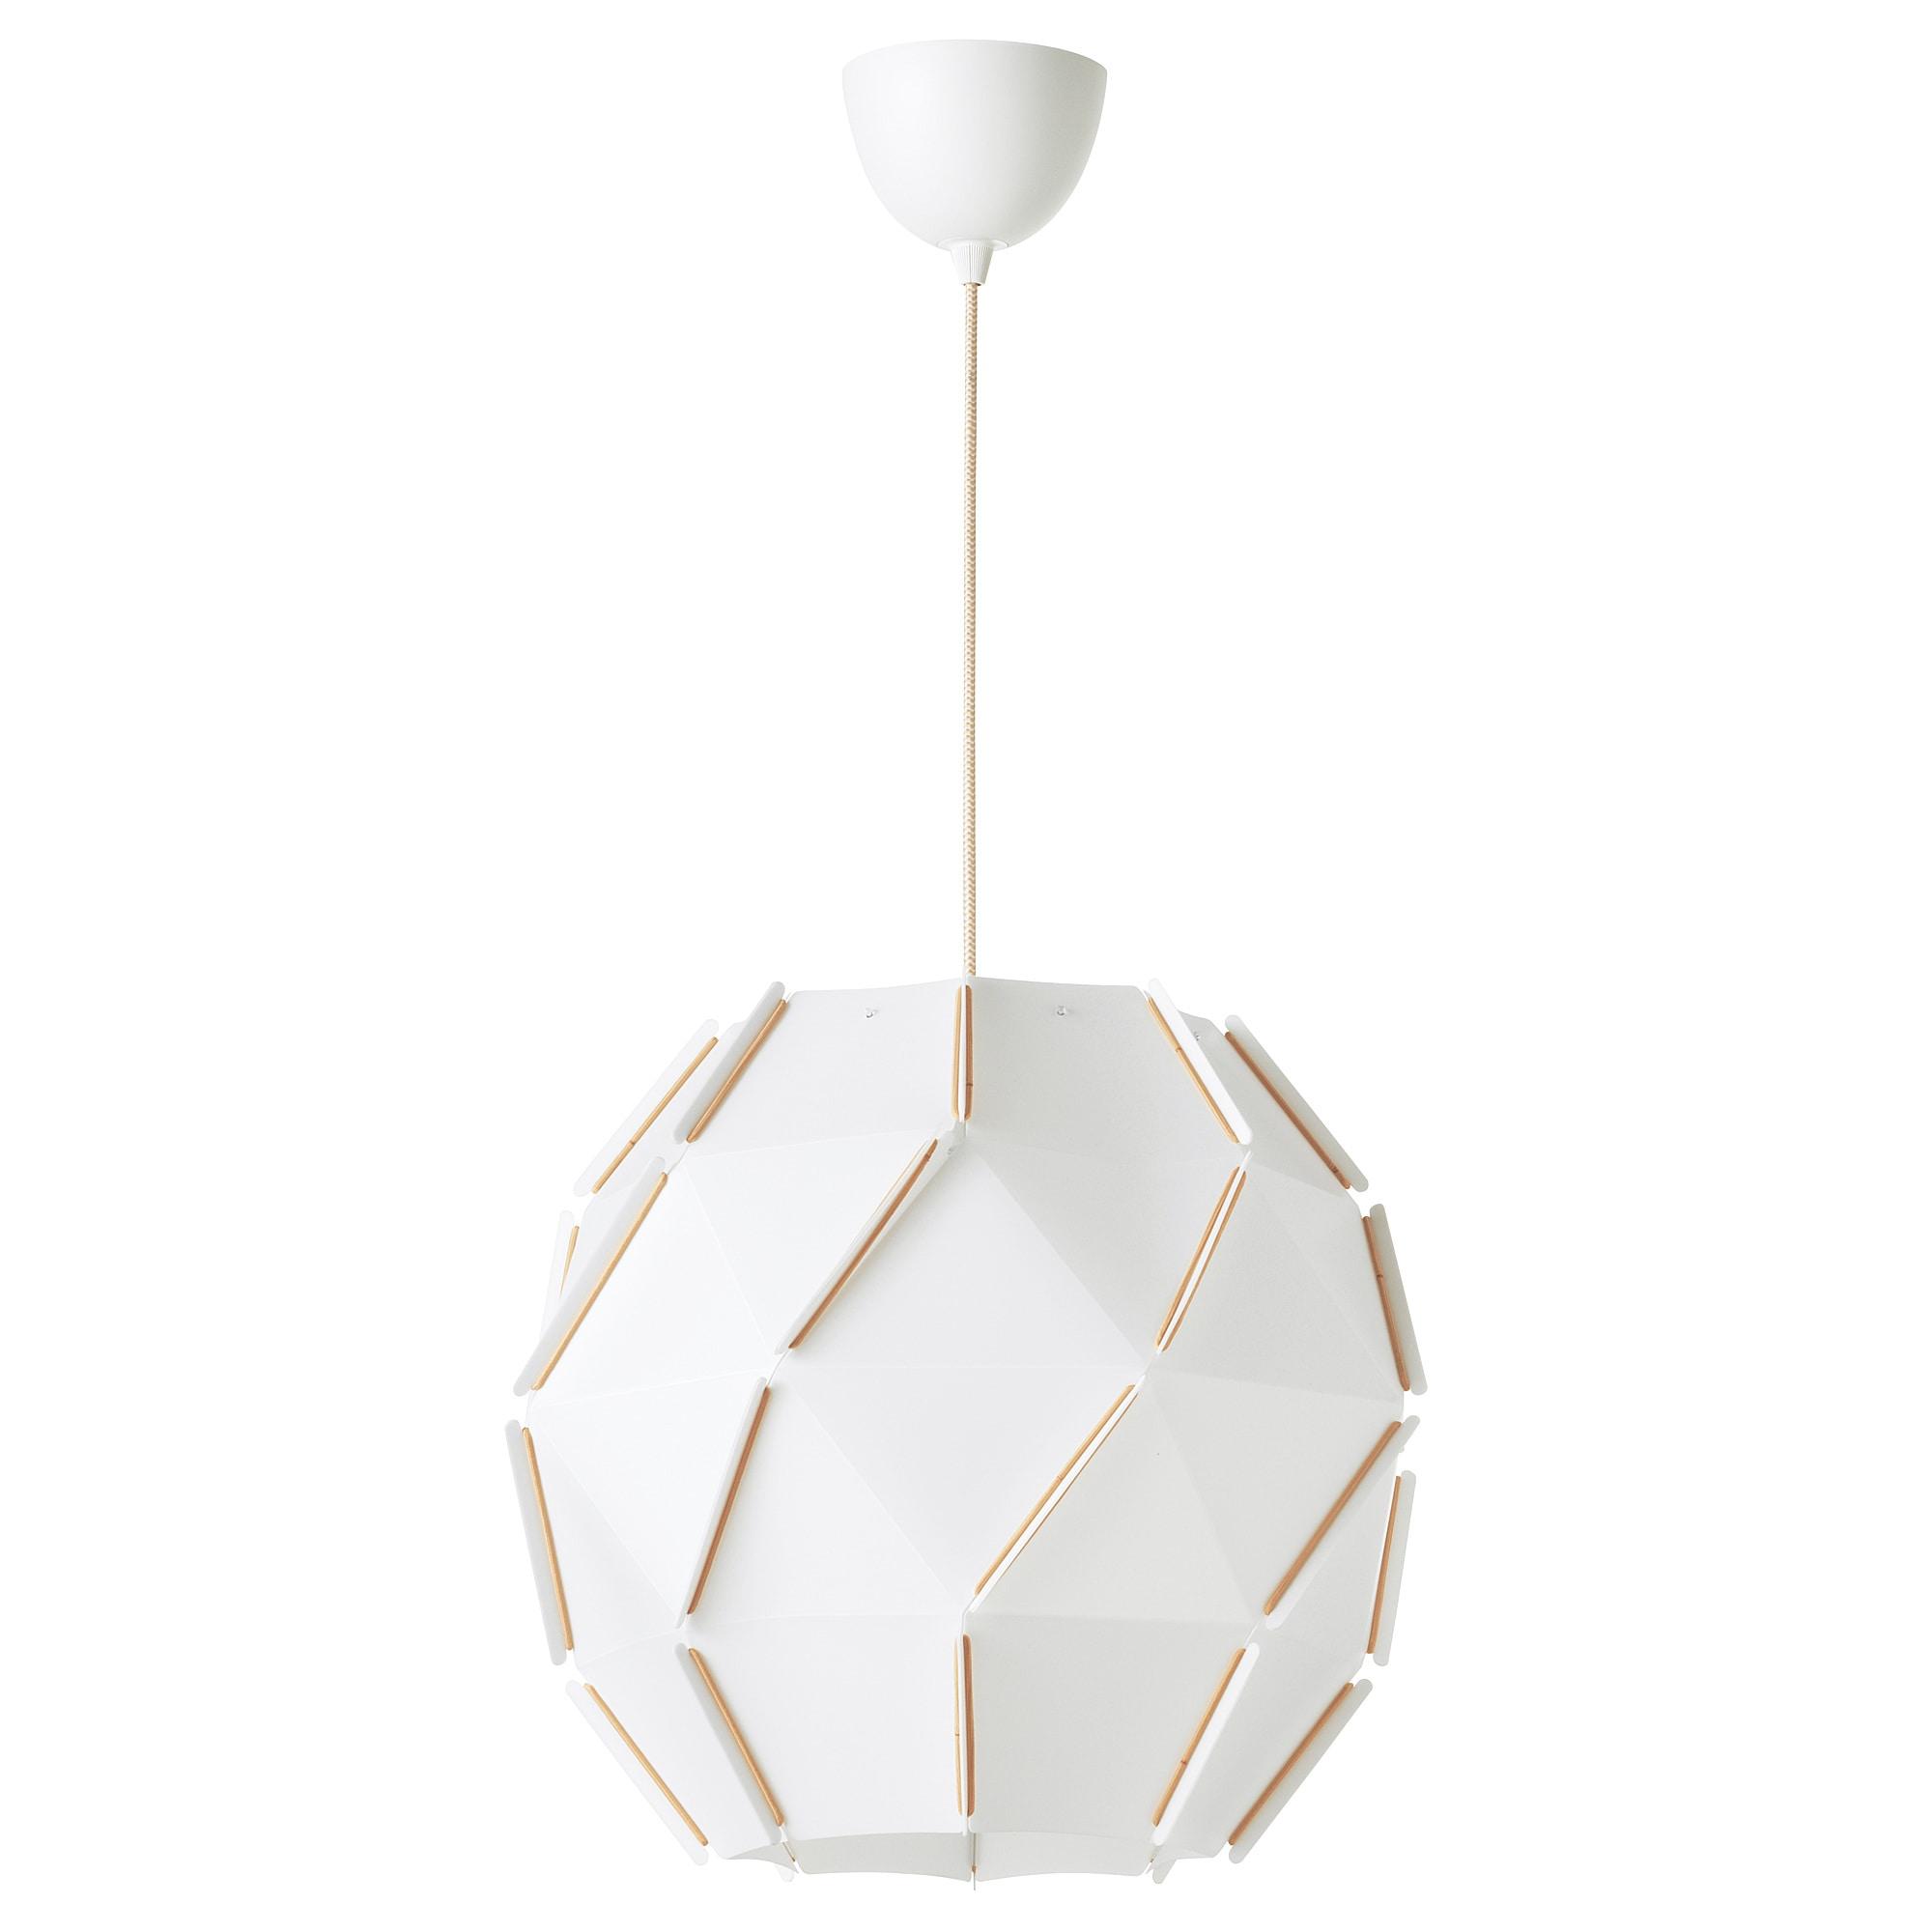 leds_lamp.jpg